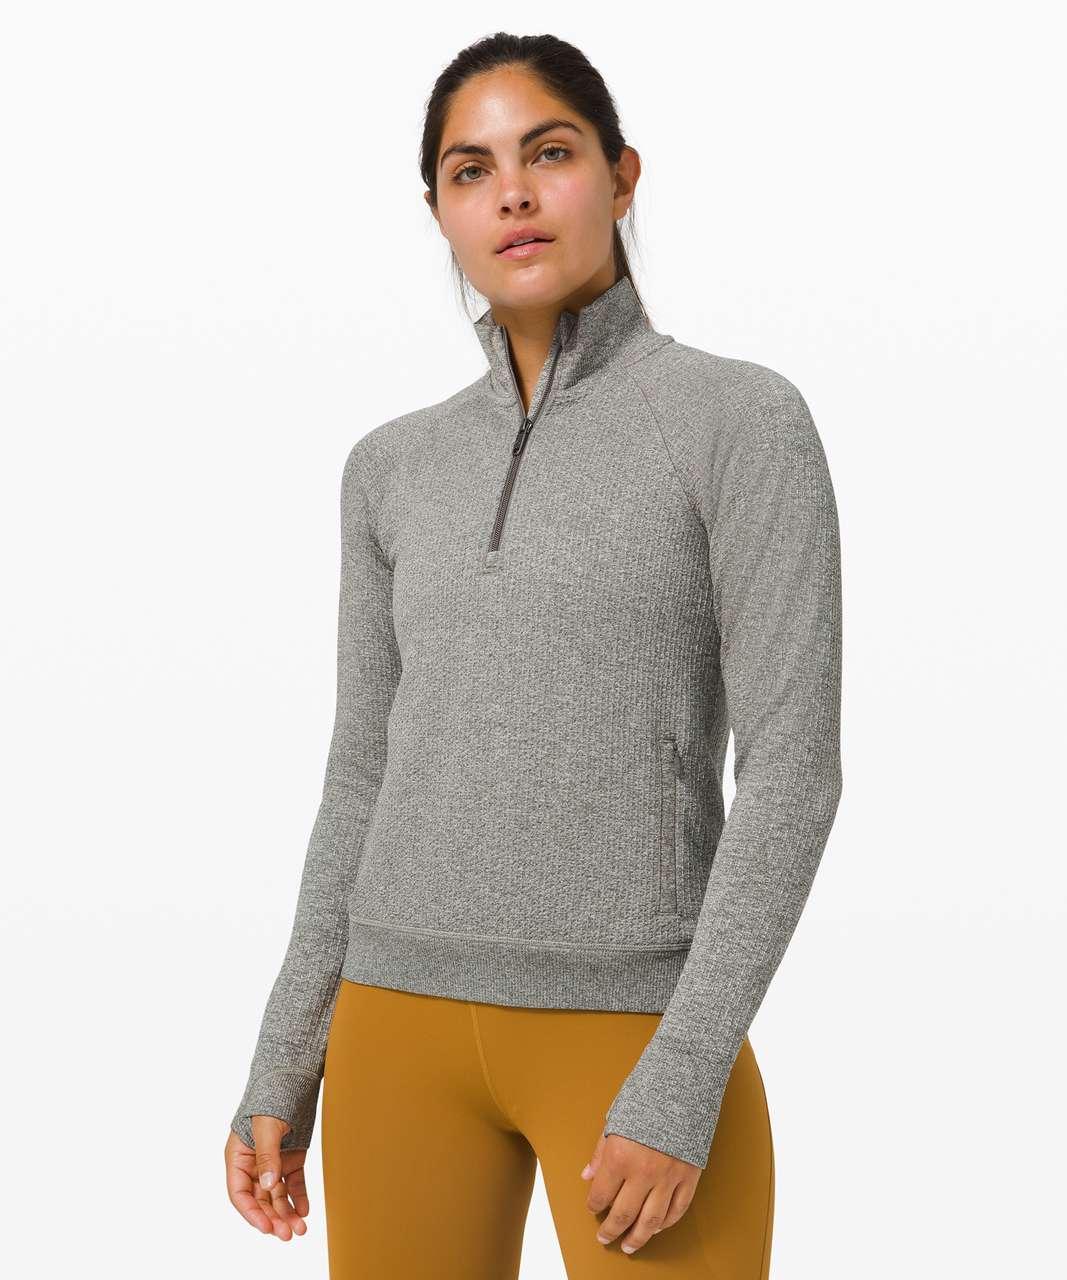 Lululemon Engineered Warmth Half Zip - Grey Sage / White